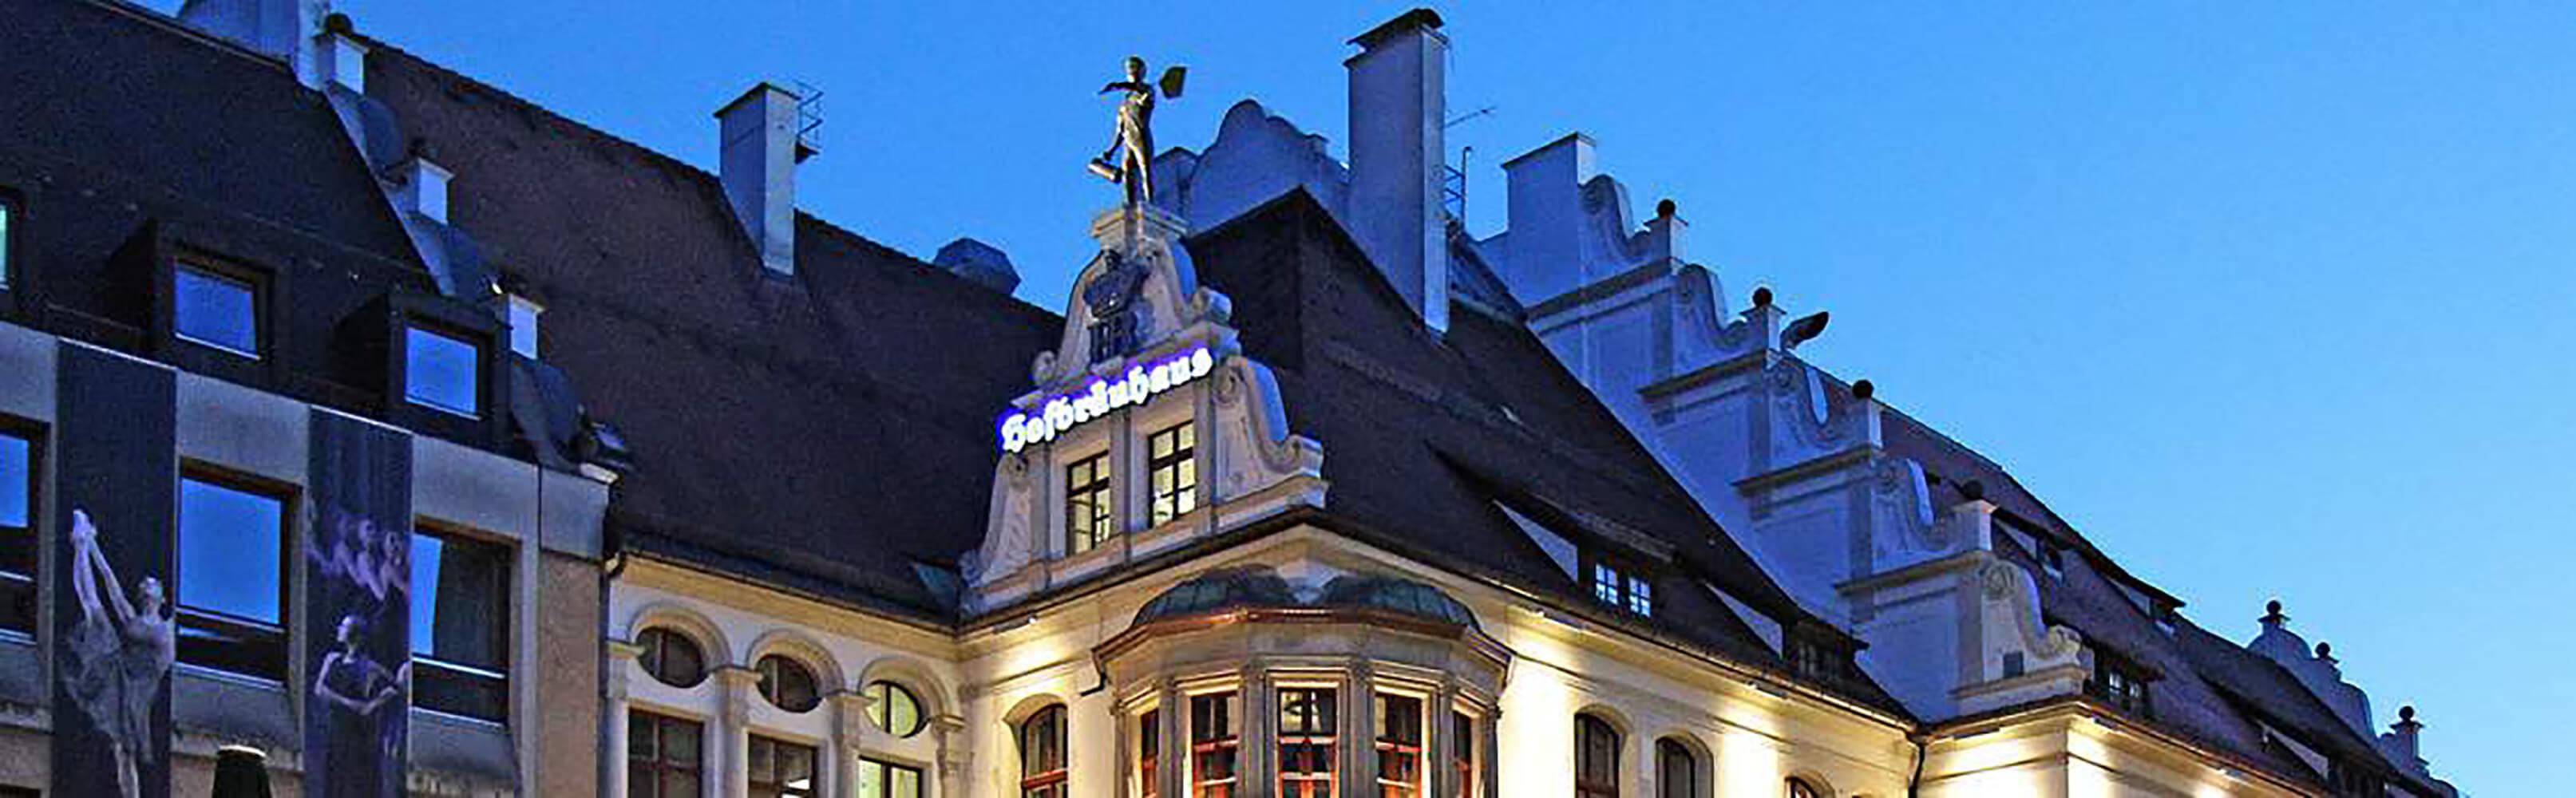 Das Hofbräuhaus – Tradition in München 1